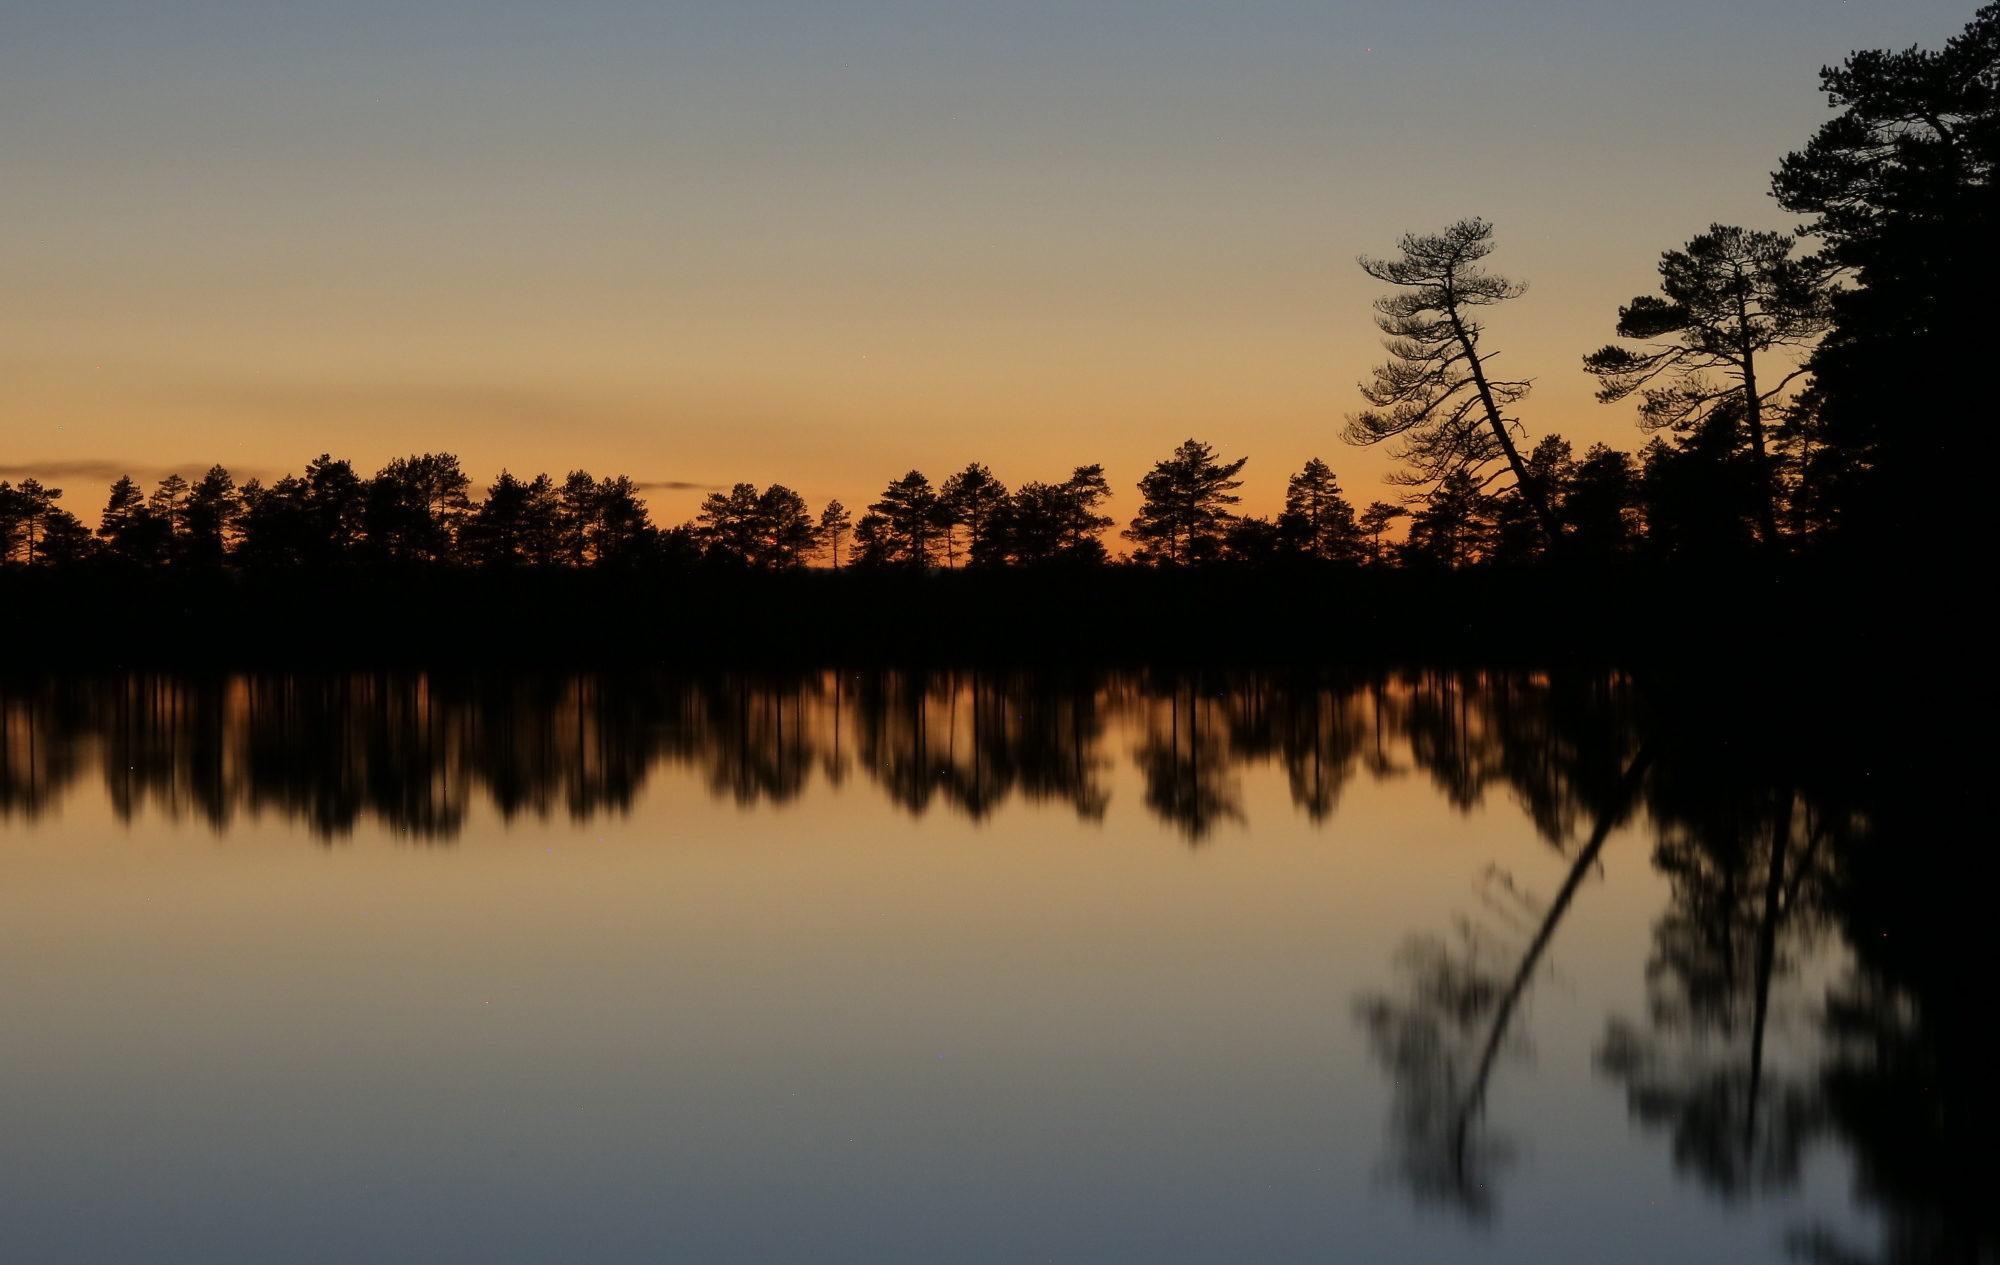 Taikapolku öisellä Kauhaneva - Auringonlasku ja jälkeiset tunnit jättävät suomaisemaan vahvan jäljen. Sää liikuttaa pilviä ja tunnelmaa.